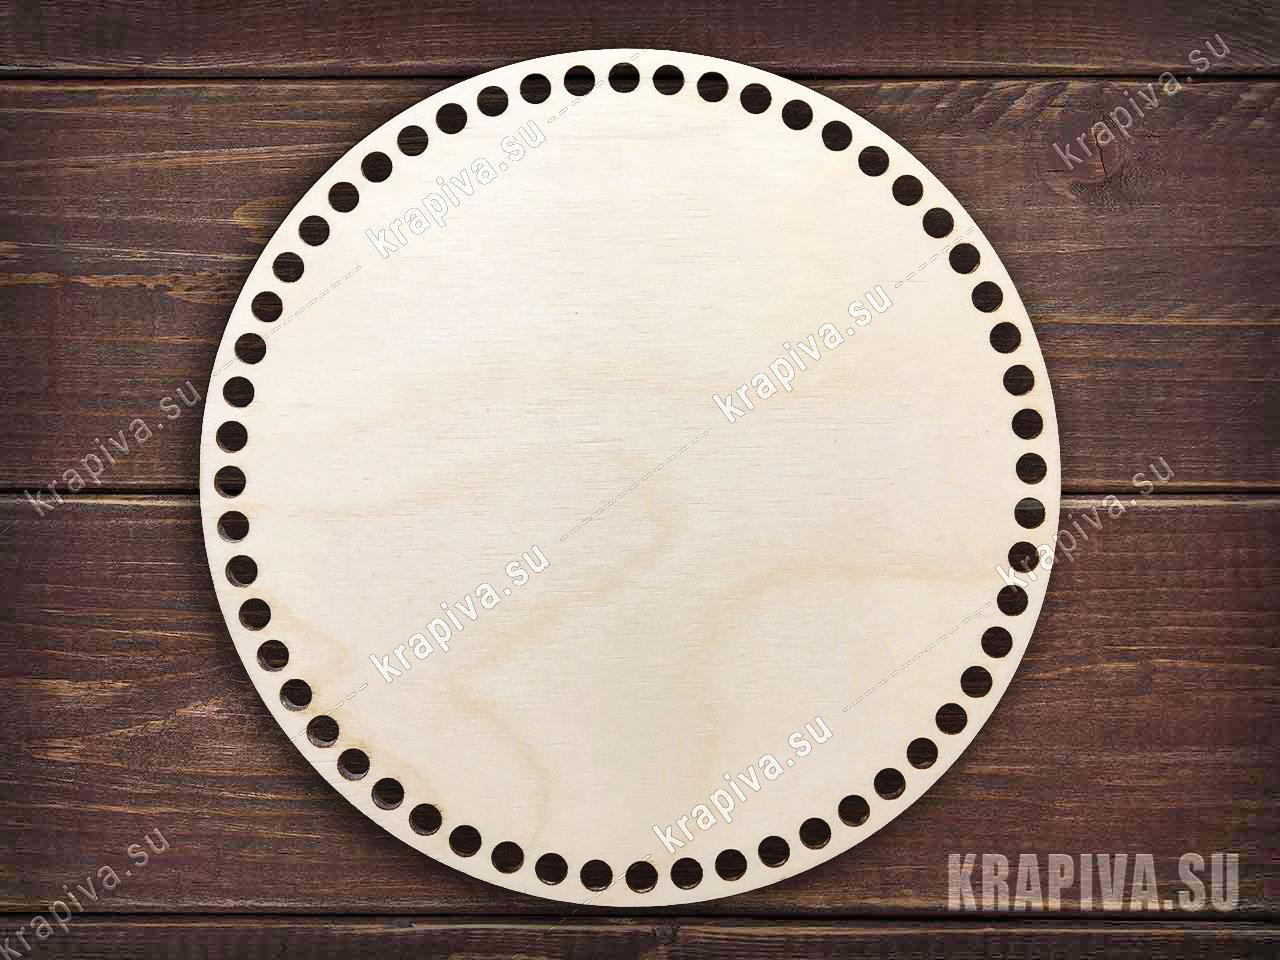 Донышко круглое для корзины за 90 руб. в магазине Крапива (krapiva.su) (фото)